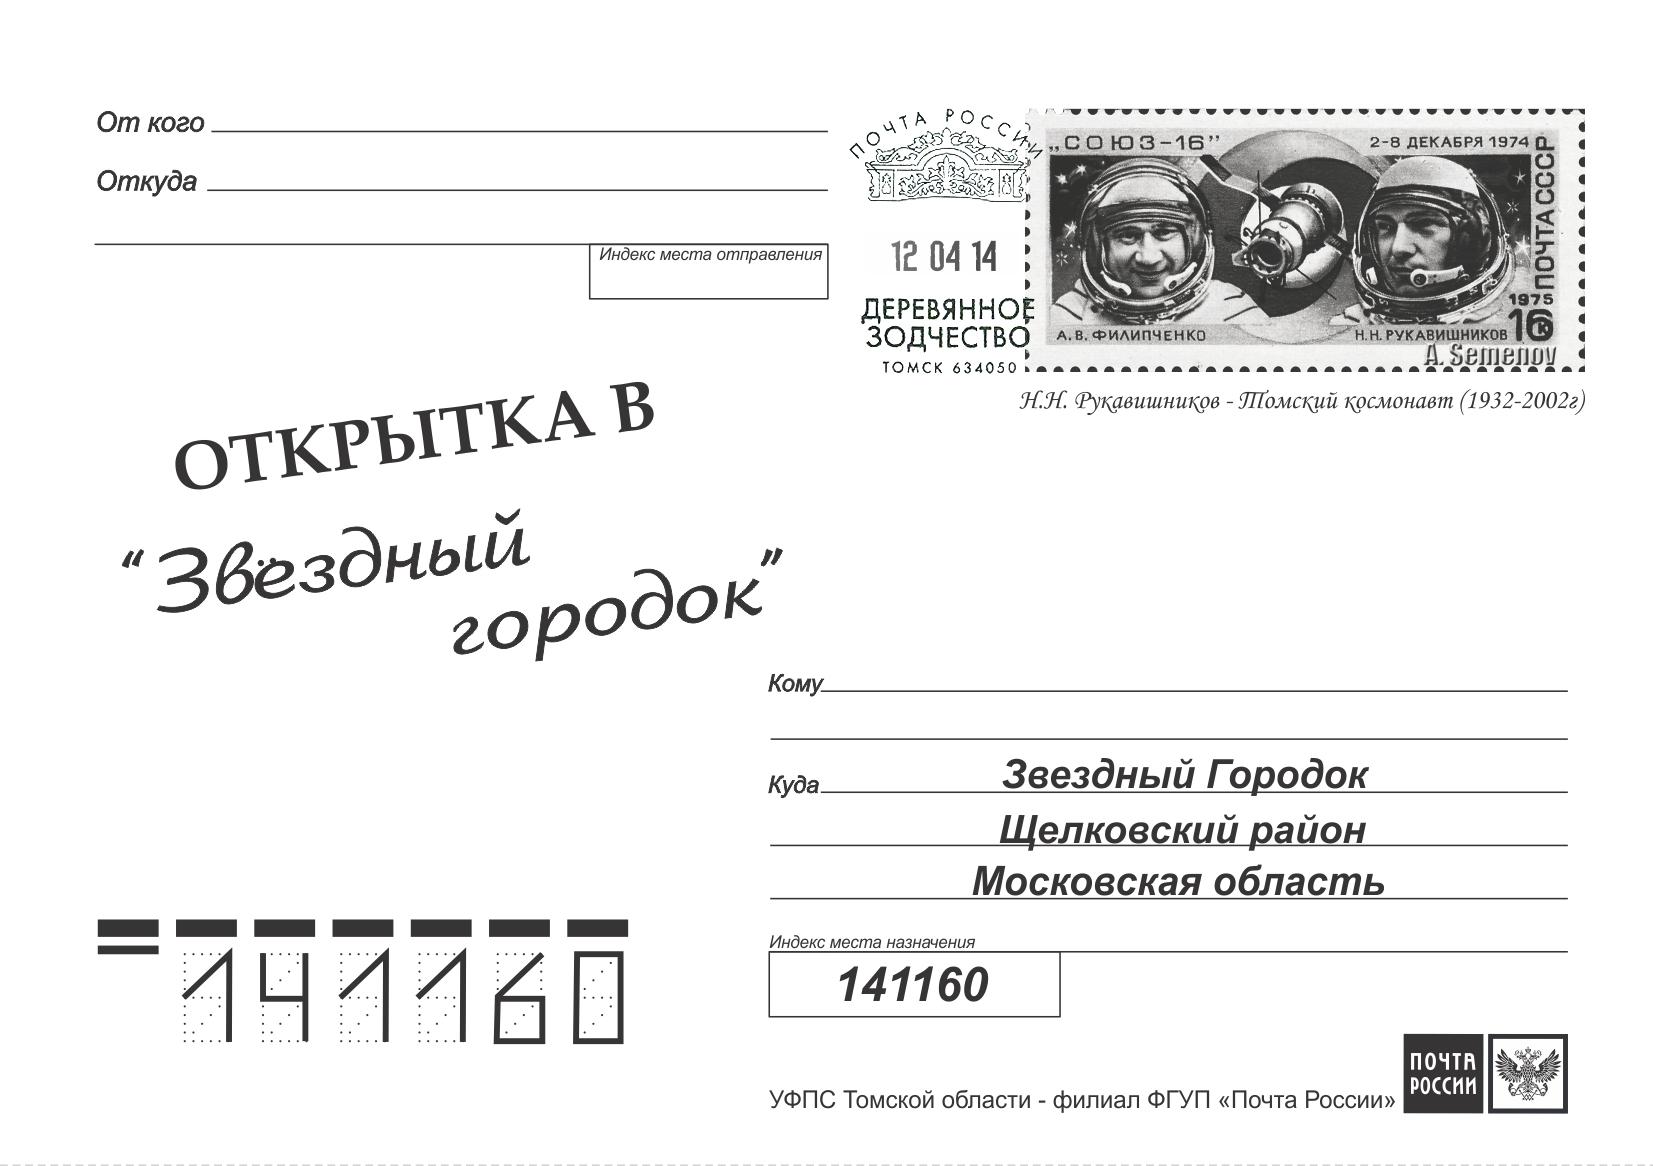 Как посылать почтовые открытки